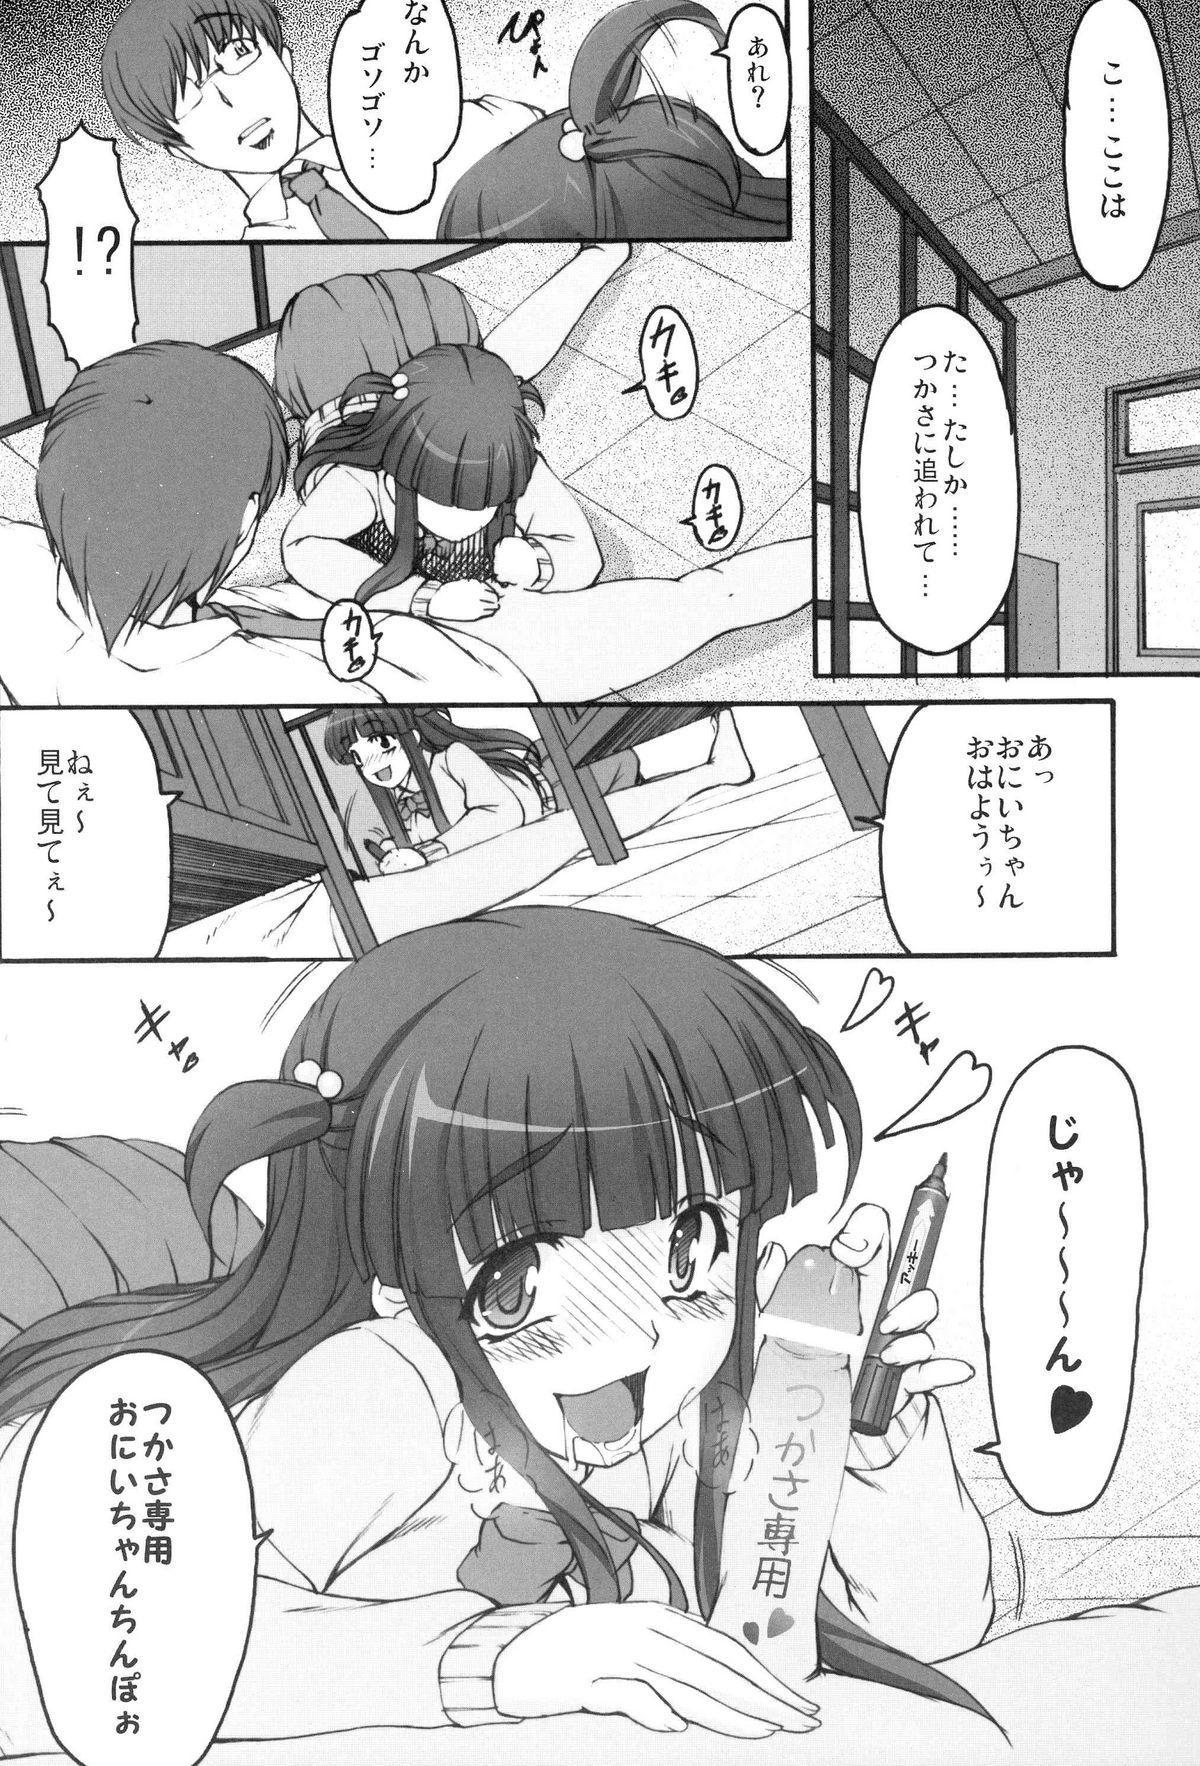 Tsukasa Blog 12